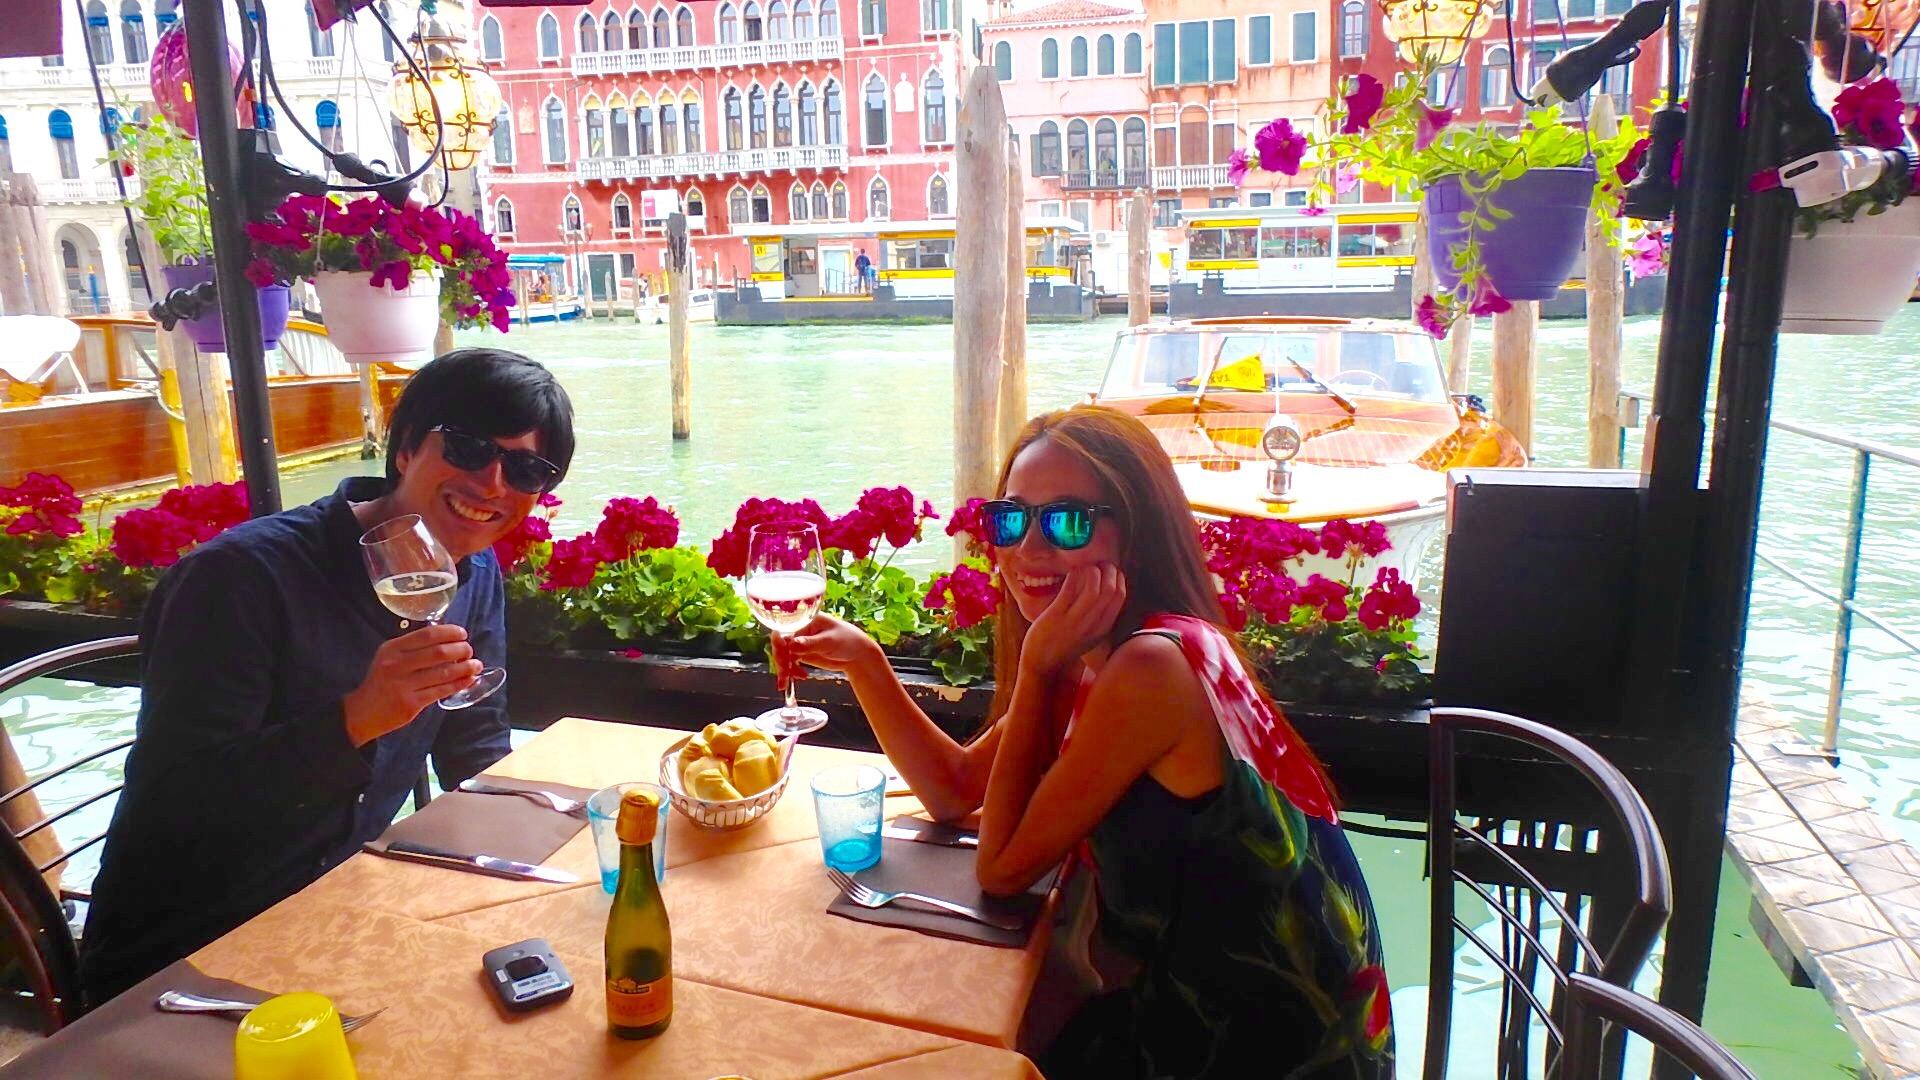 ベネチア テラス席のあるお洒落なカフェレストラン